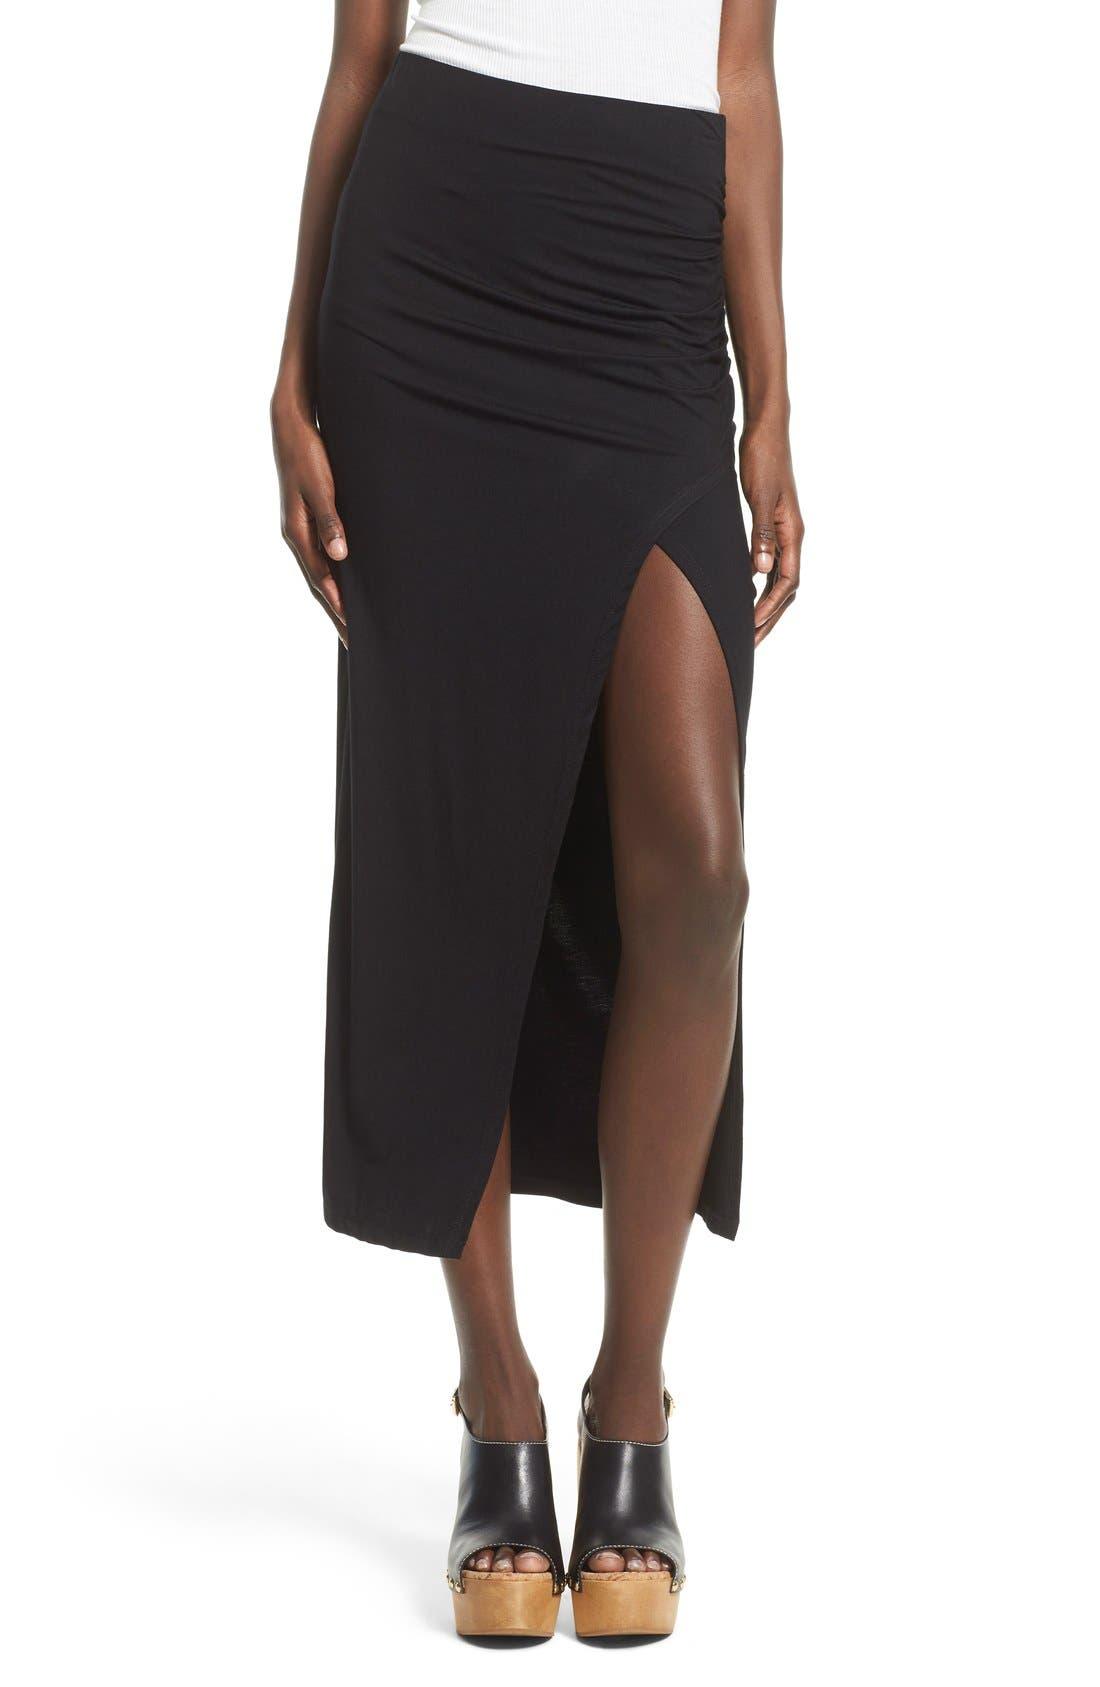 Alternate Image 1 Selected - ASTR High Slit Maxi Skirt